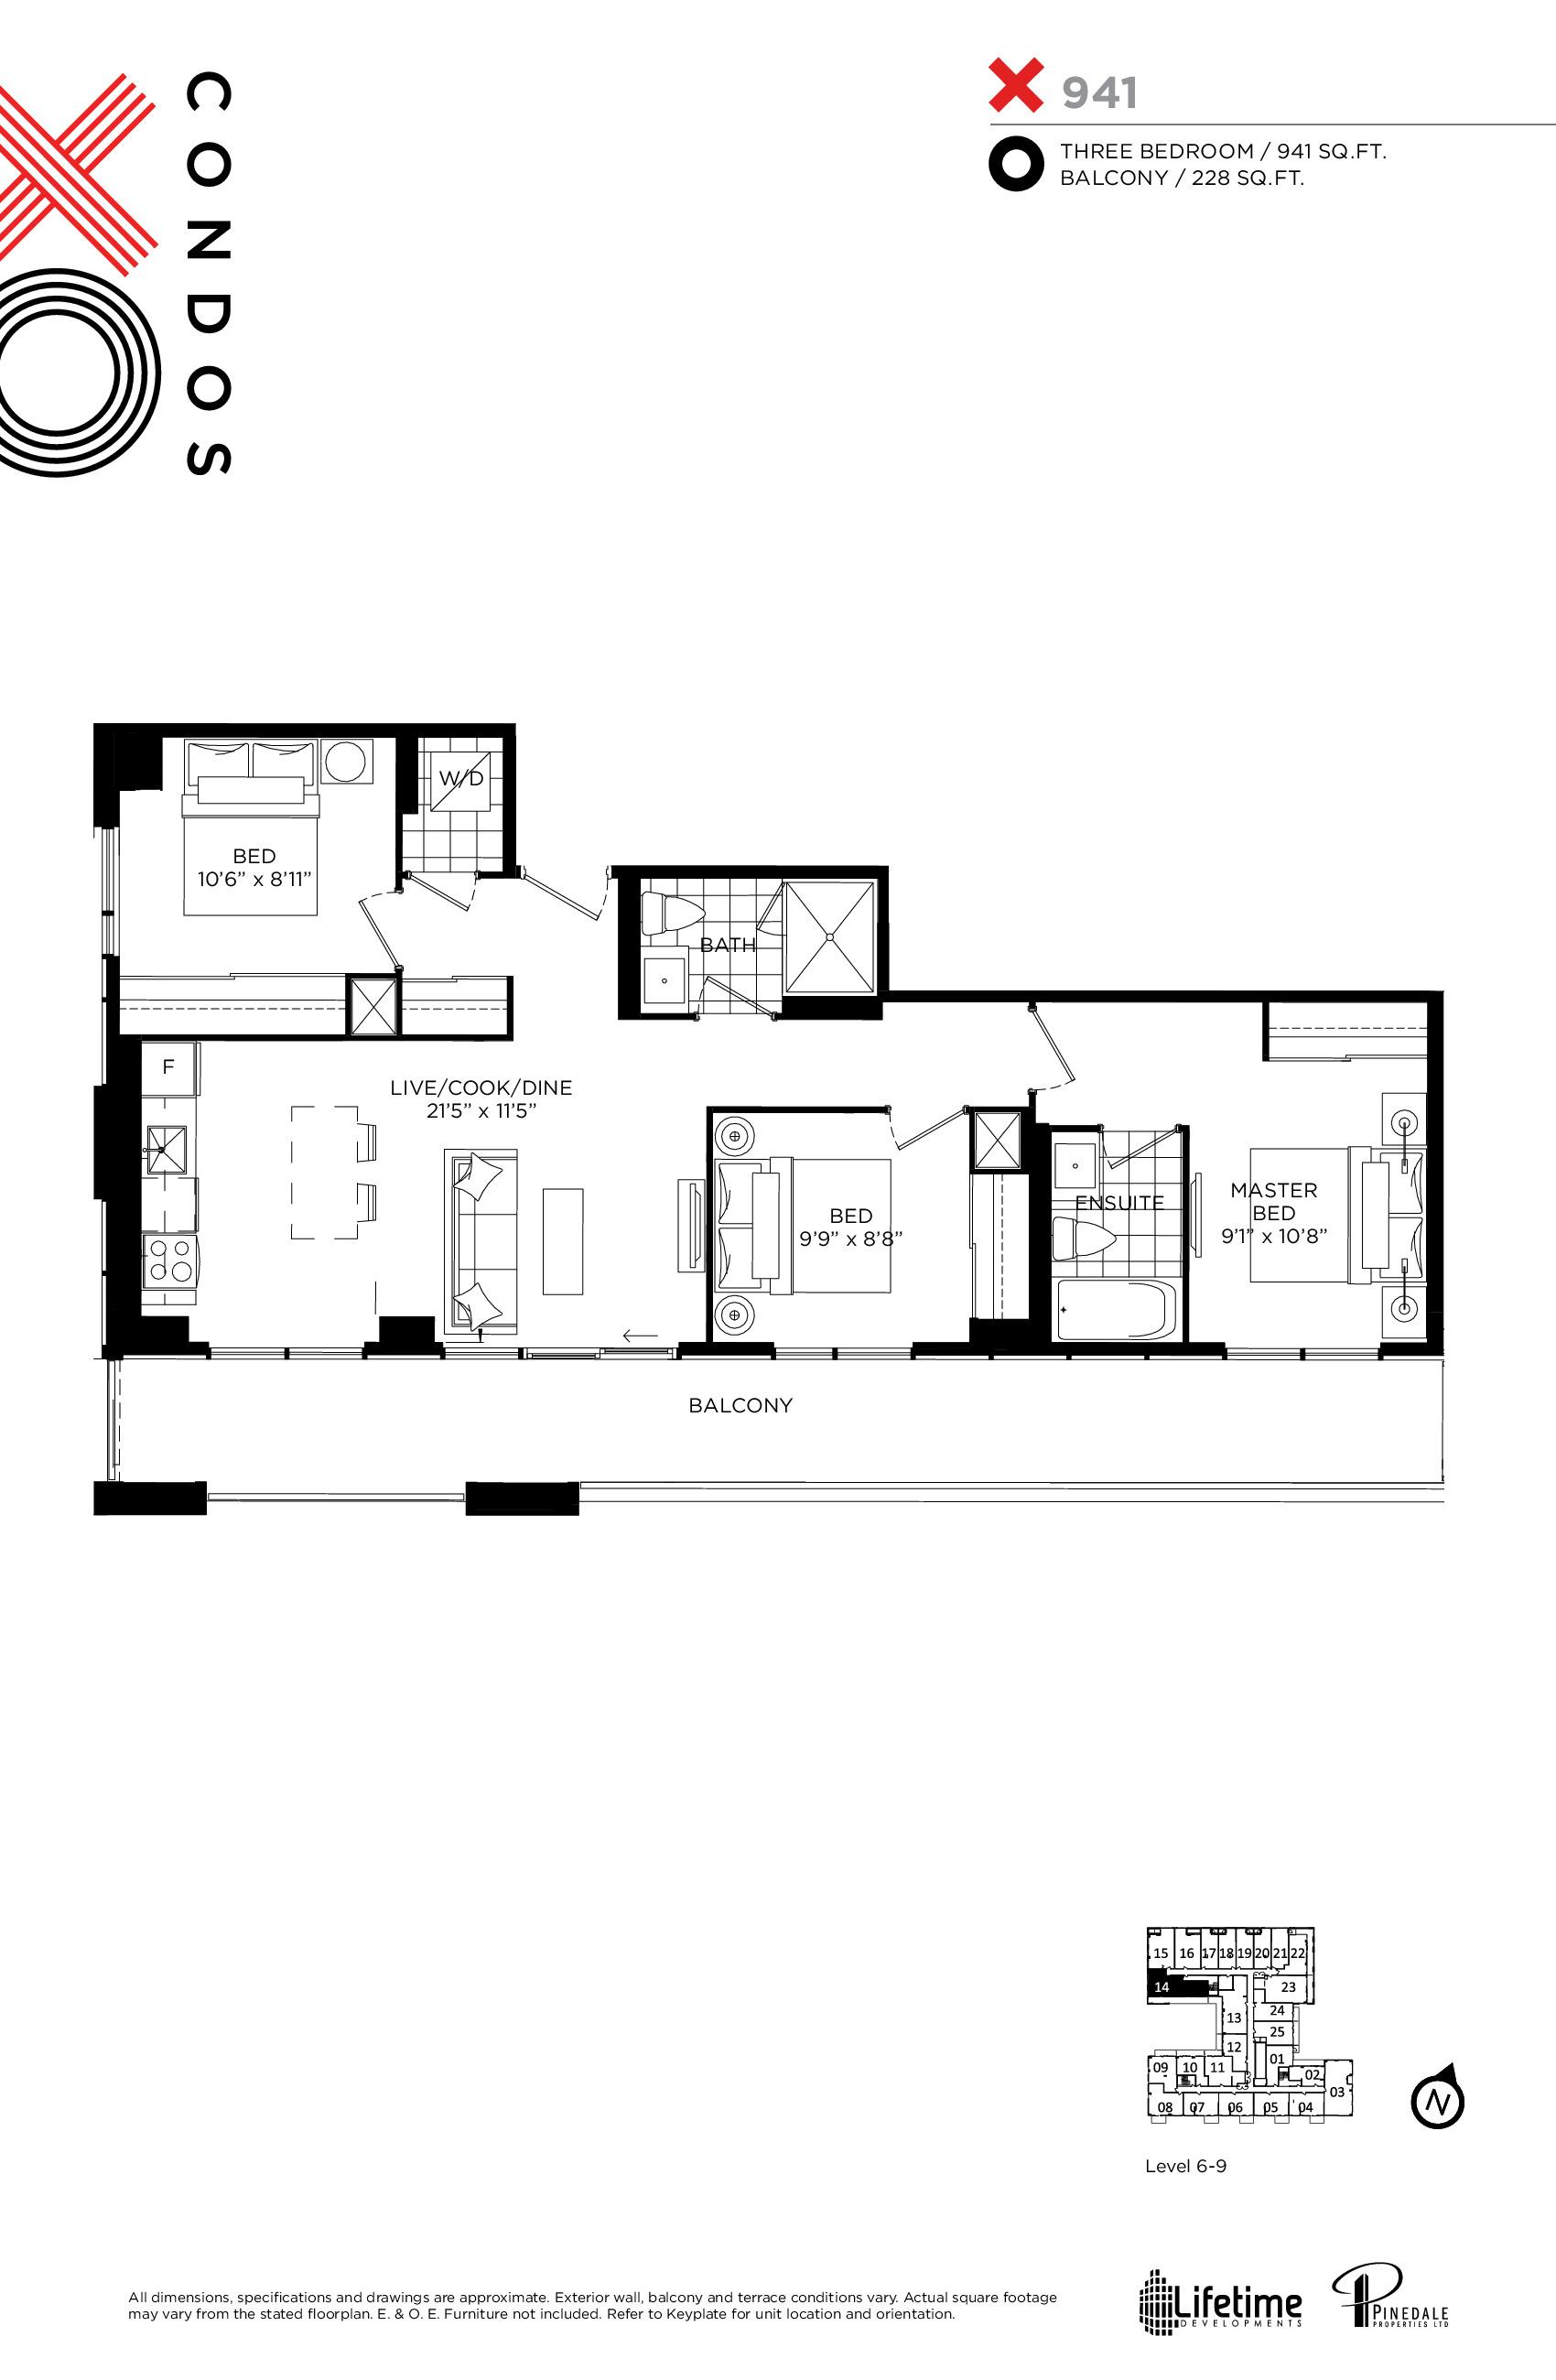 X941 Floor Plan at XO Condos - 941 sq.ft